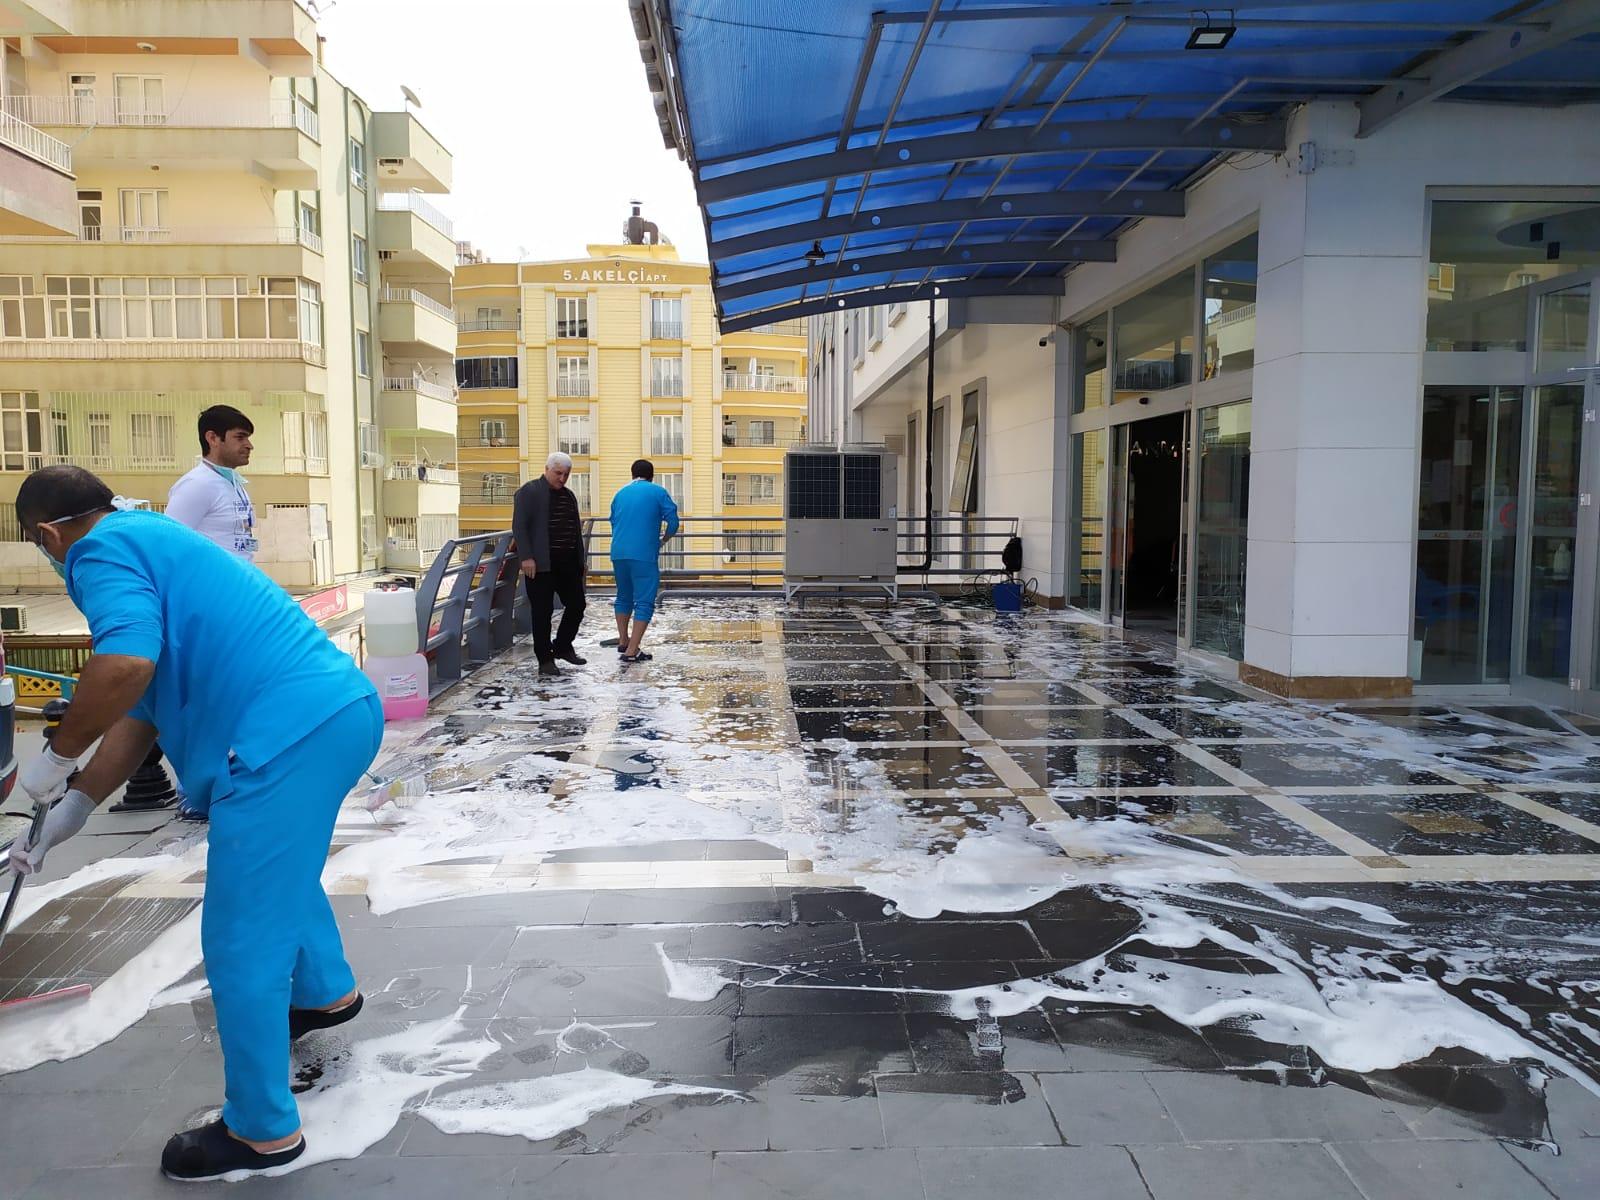 Hem Sizlerin Hemde Kendi Çalışanlarımızın Sağlığını Korumak İçin Hastanemizin Dış Alanları Her Gün Dezenfekte Edilmektedir.